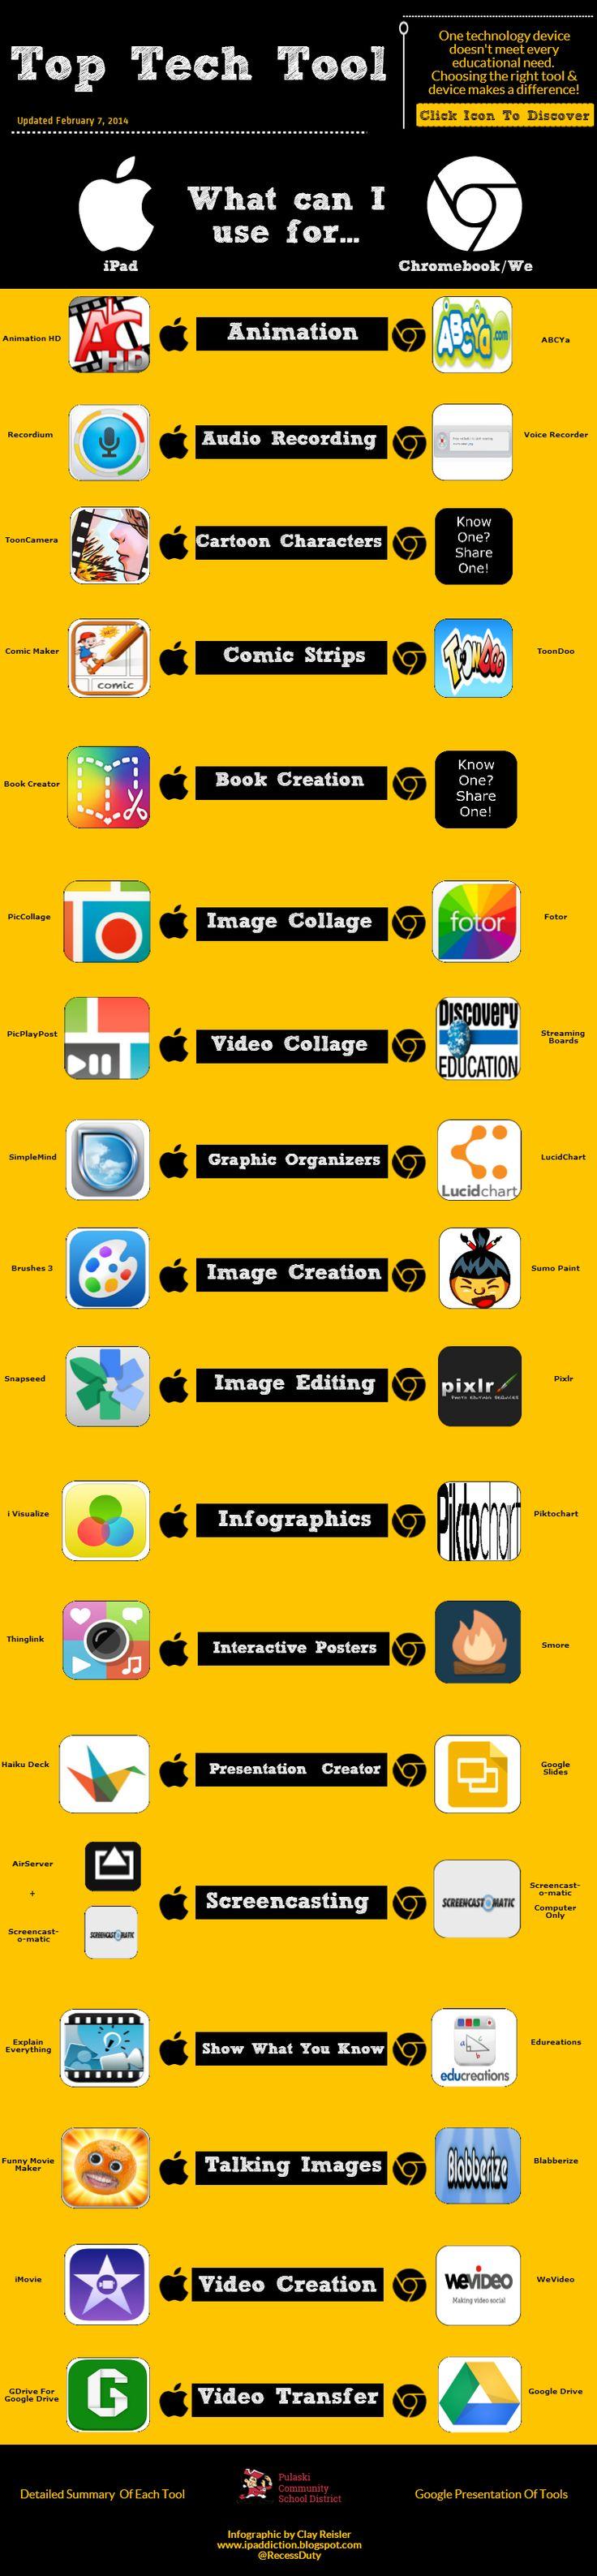 Top Tech Tools PNG2.png - Google Drive